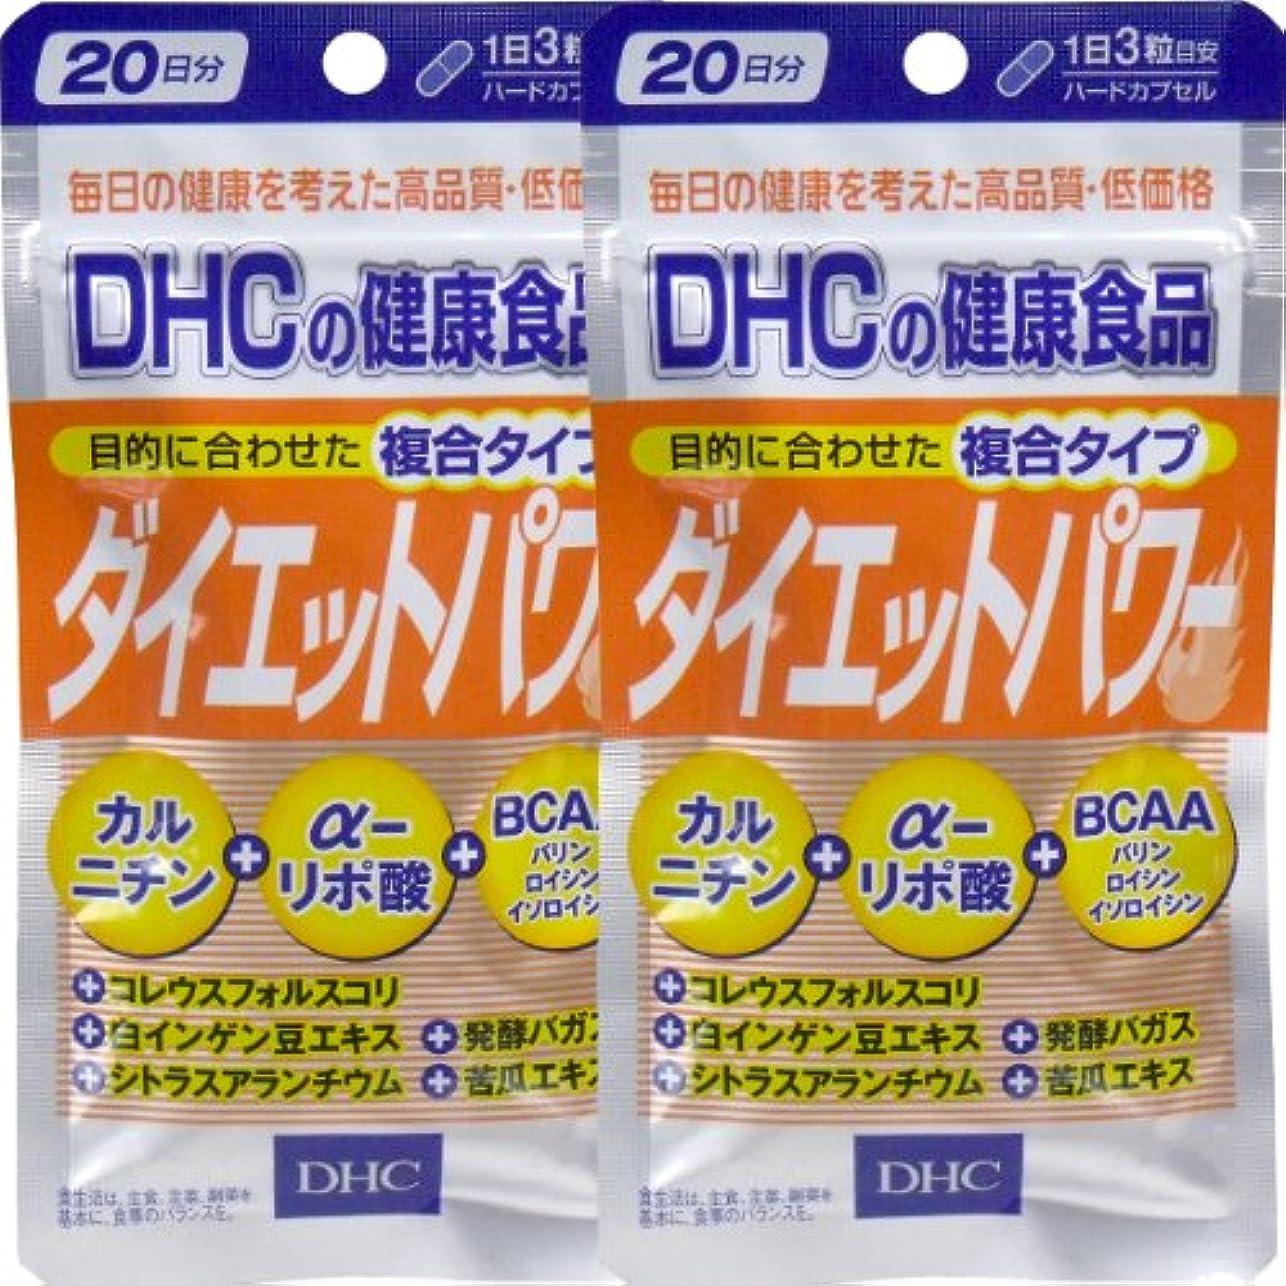 パッケージ顎救急車DHC ダイエットパワー 20日分 60粒 ×2個セット